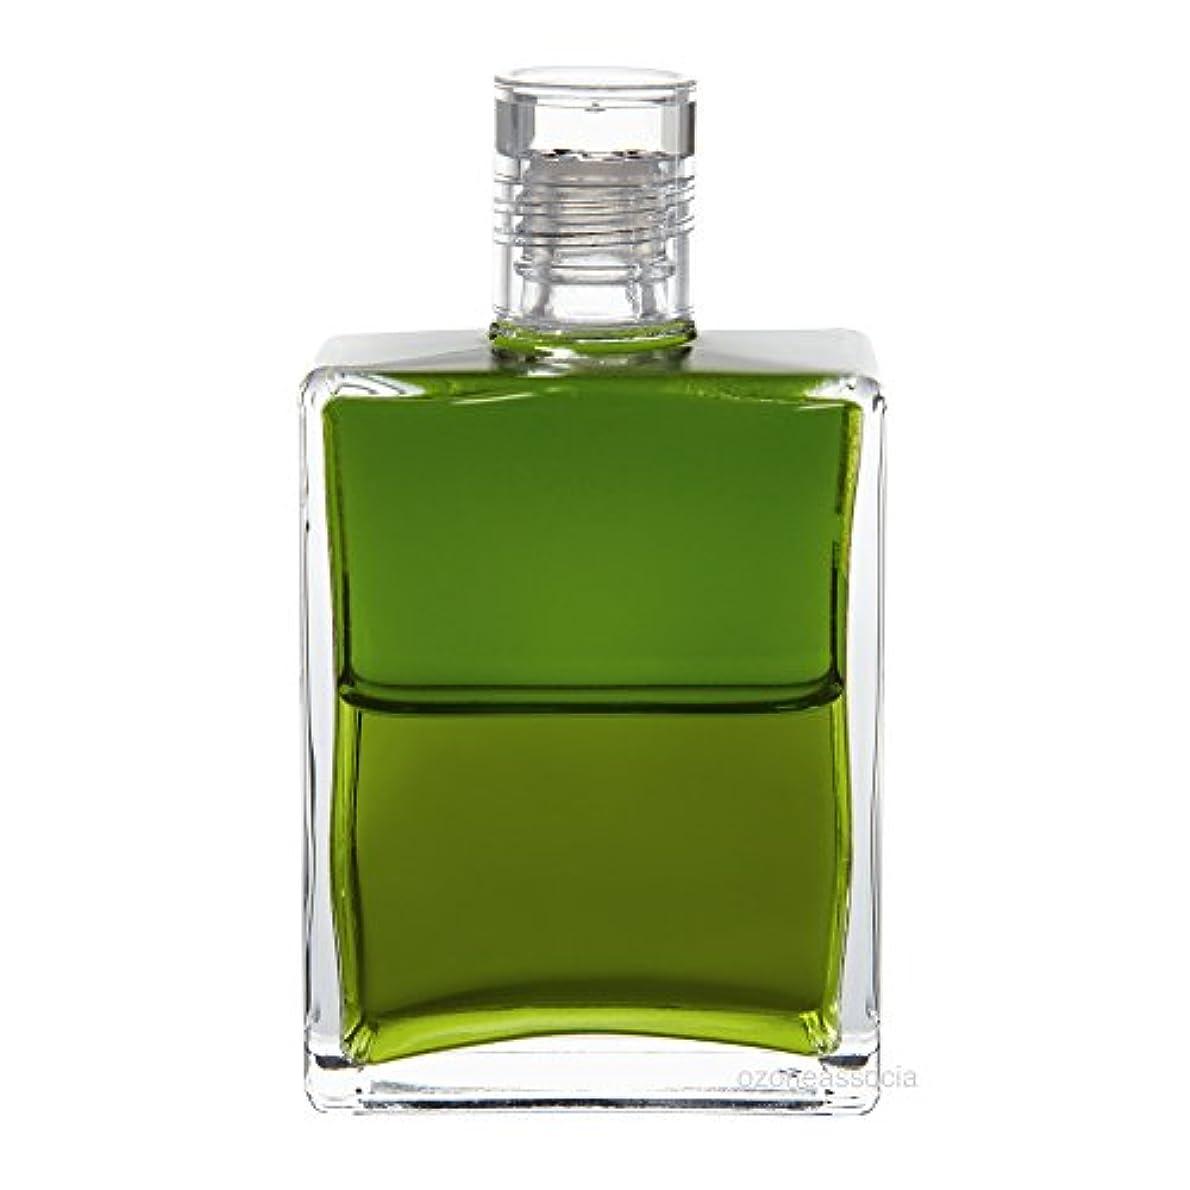 脅かす不安定なマザーランドオーラソーマ ボトル 91番  ハートのフェミニン?リーダーシップ (オリーブグリーン/オリーブグリーン) イクイリブリアムボトル50ml Aurasoma